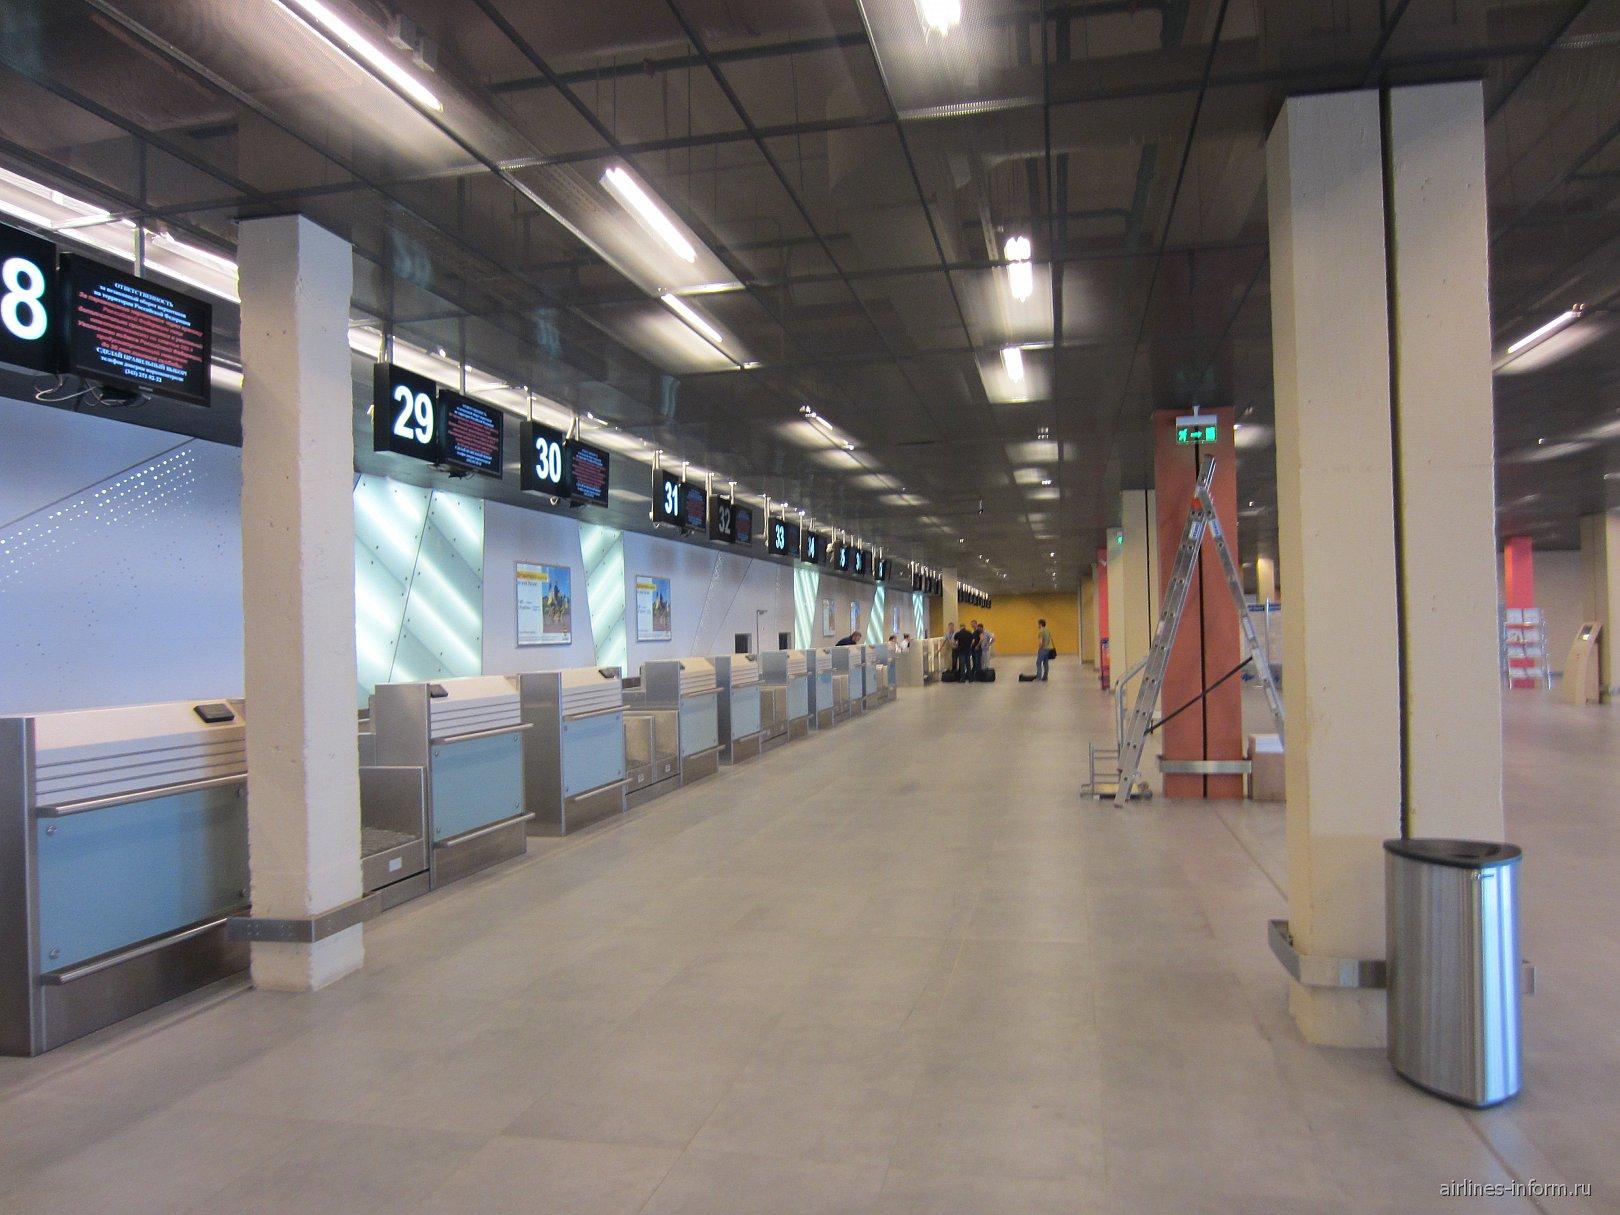 Стойки регистрации в аэропорту Кольцово